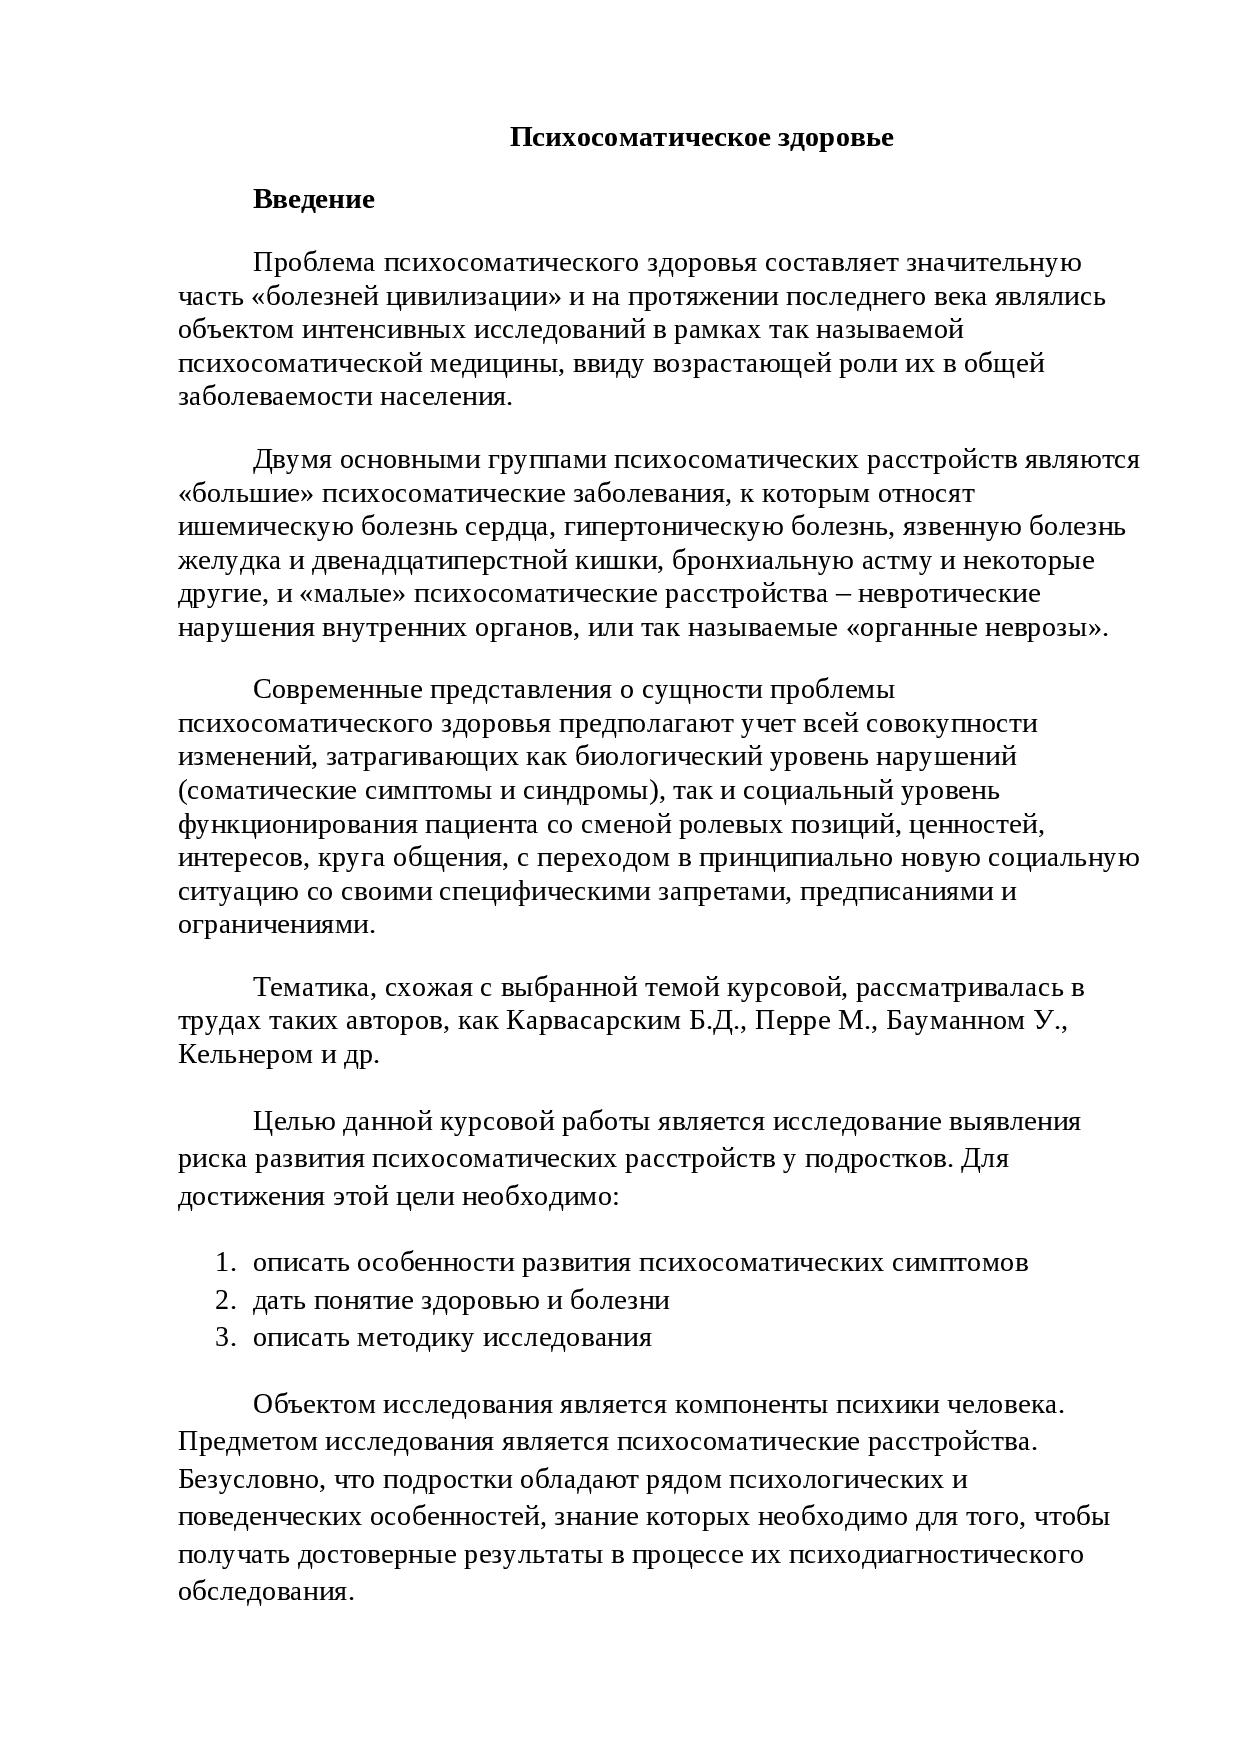 Лечение невроза специалистами и самостоятельно. помощь при неврозе